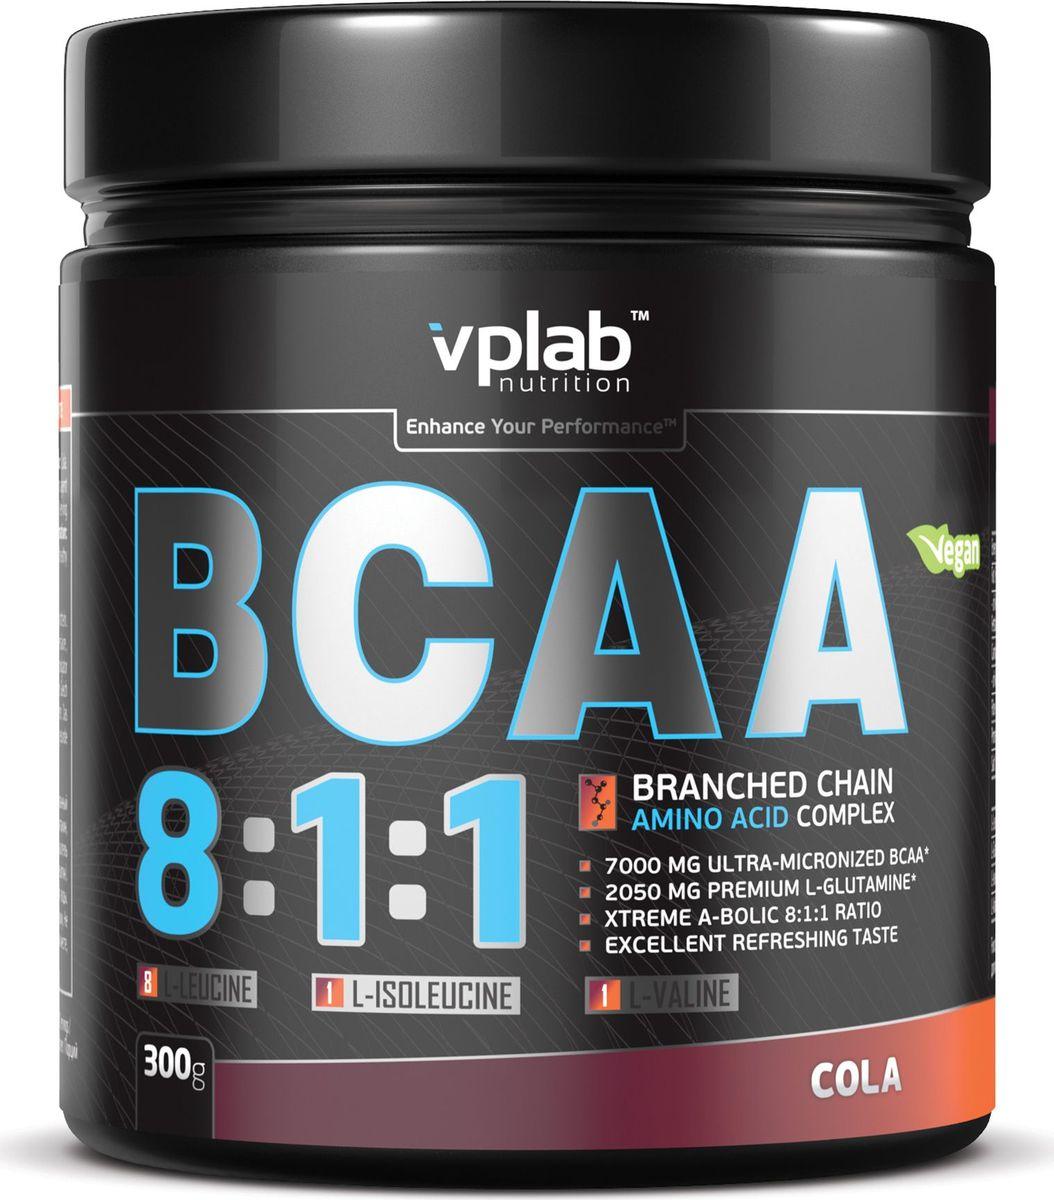 Аминокислоты Vplab BCAA 8:1:1, кола, 300 гVP54292Аминокислоты Vplab BCAA 8:1:1 - это незаменимые аминокислоты с разветвленными цепочками (ВСАА), которые являются основнымматериалом для синтеза протеина, обладают сильнейшим анаболическим эффектом, препятствуют катаболизму. L-глютамин усиливает эффектВСАА, способствуя более эффективному росту мышечной массы и восстановлению. Ультрамикронизированные BCAA нового поколенияотличаются наилучшей растворимостью и полным отсутствием горечи. Соотношение лейцин - изолейцин - валин 8:1:1 является оптимальным длямаксимального увеличения анаболического потенциала мышечных тканей. Питательная ценность: Питательная ценность на 100 г: энергетическая ценность - 354 ккал (1,487), белки - 71,8 г, углеводы - 6,2 г, из которых сахара - 0,1 г, жиры - 0,1 г,клетчатка - 0,08 г. Аминокислоты на 100 г белка: L-лейцин - 56 г, L-глютамин - 20,6 г, L-изолейцин - 7 г, L-валин - 7 г.